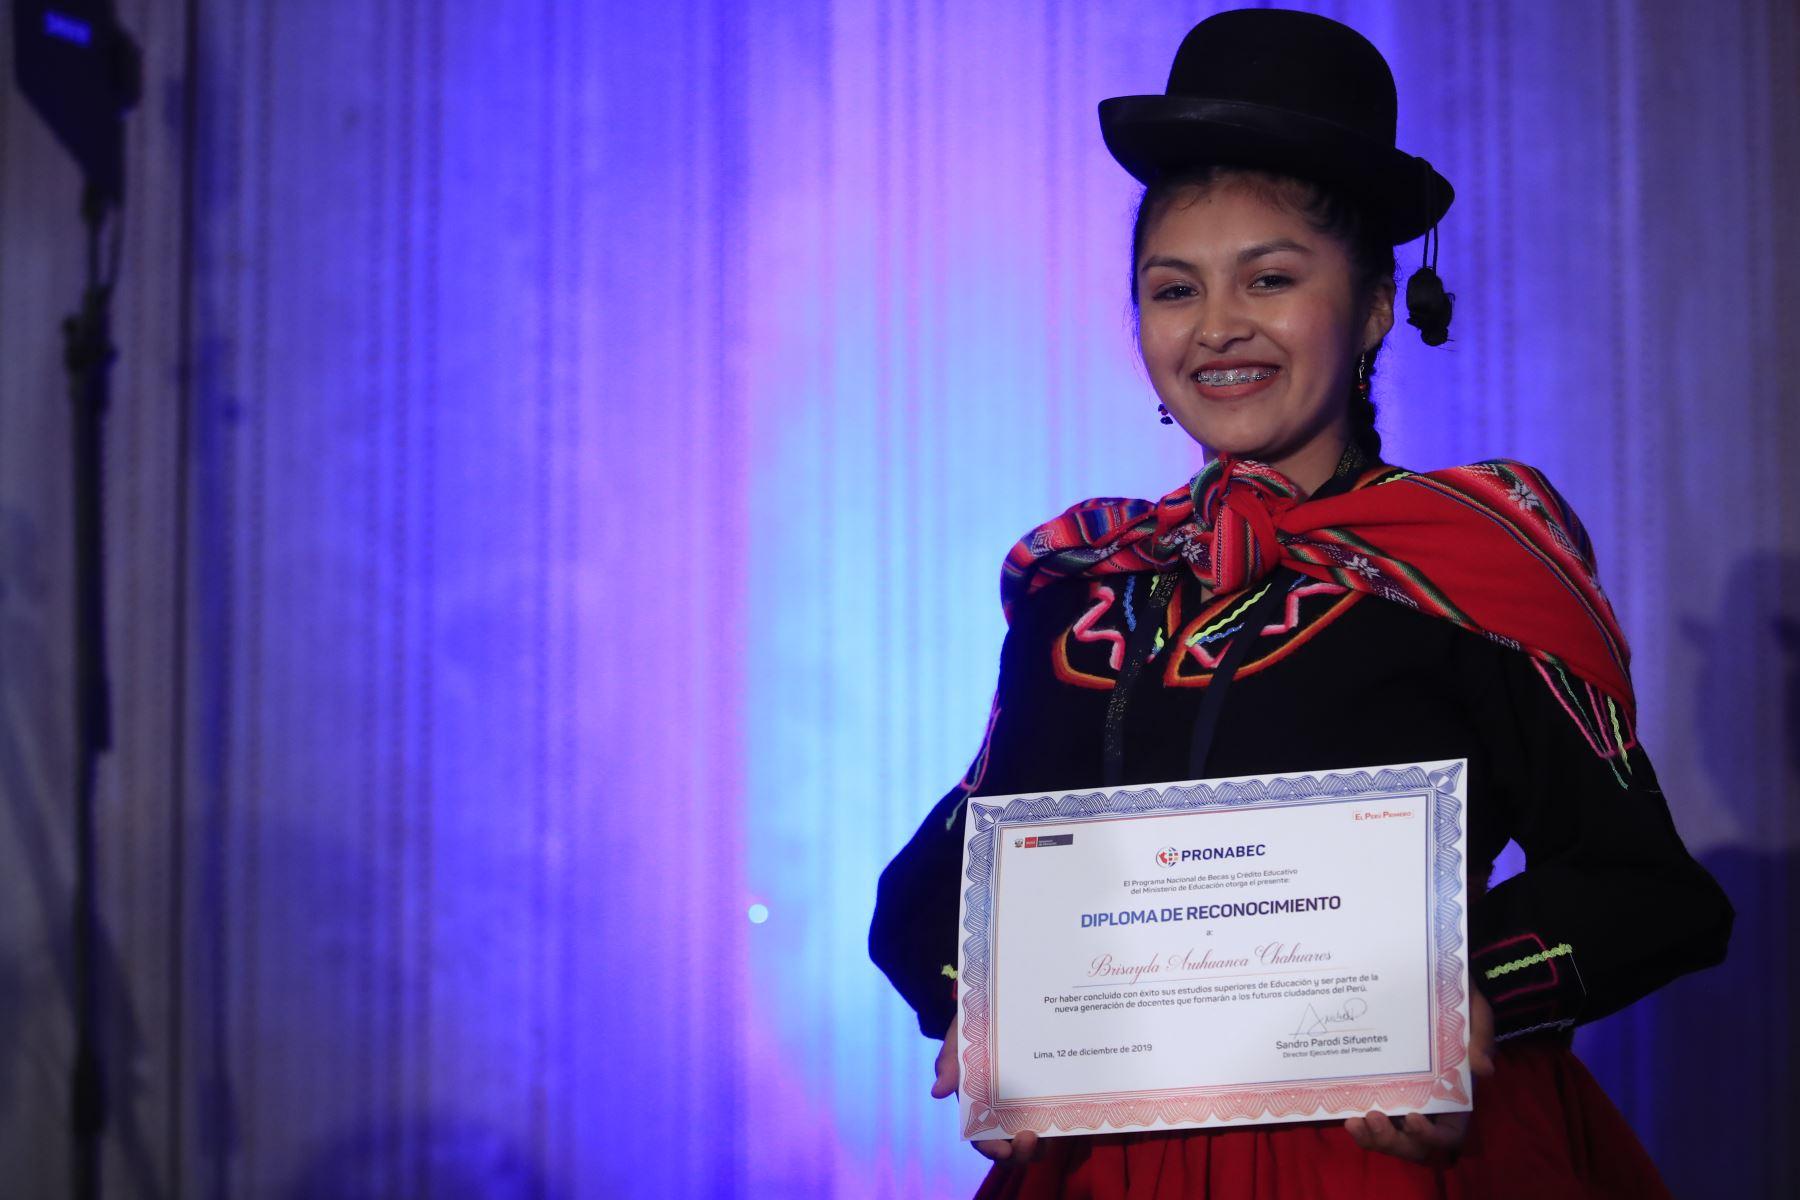 Brisayda Aruhuanca, egresada reconocida por Pronabec tras concluir sus estudios de Educación  Foto: Andina/Juan Carlos Guzmán Negrini